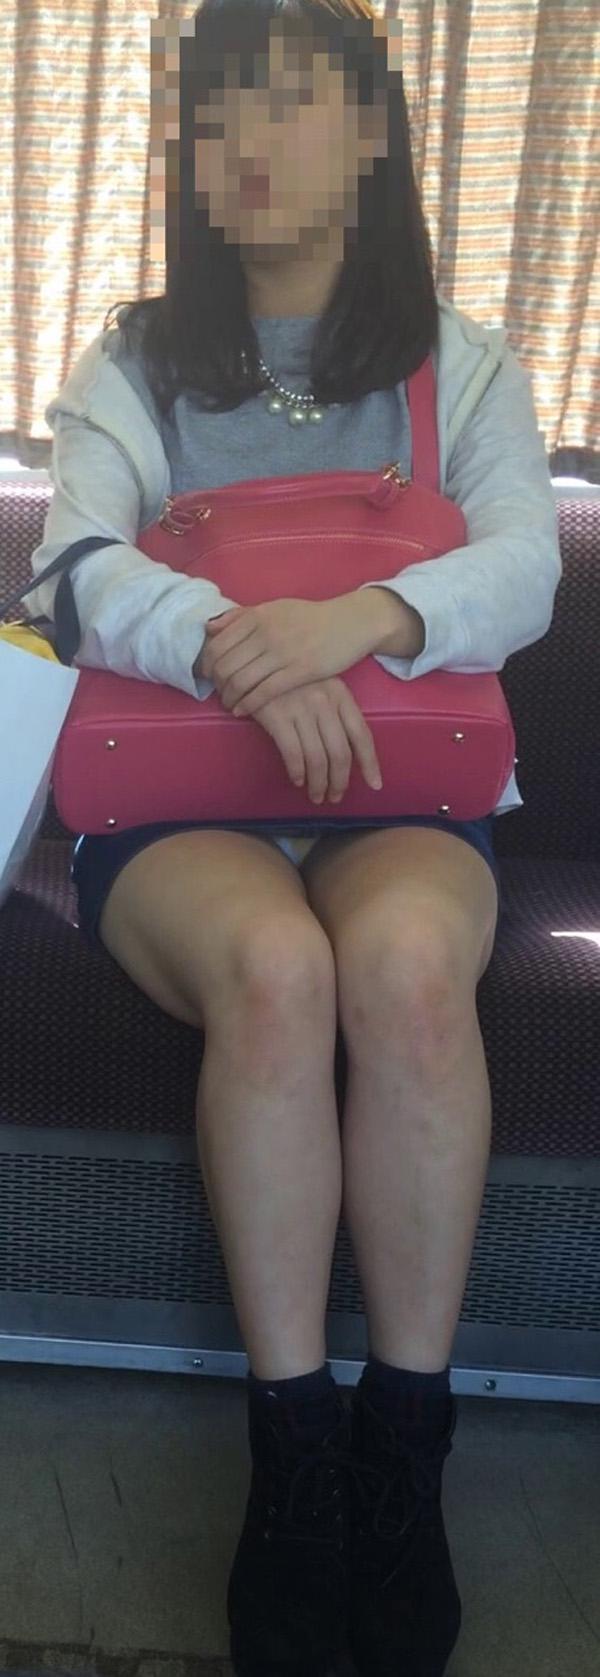 【パンチラエロ画像】座っていればいつか拝めるw電車内の対面ミニスカチラwww 21